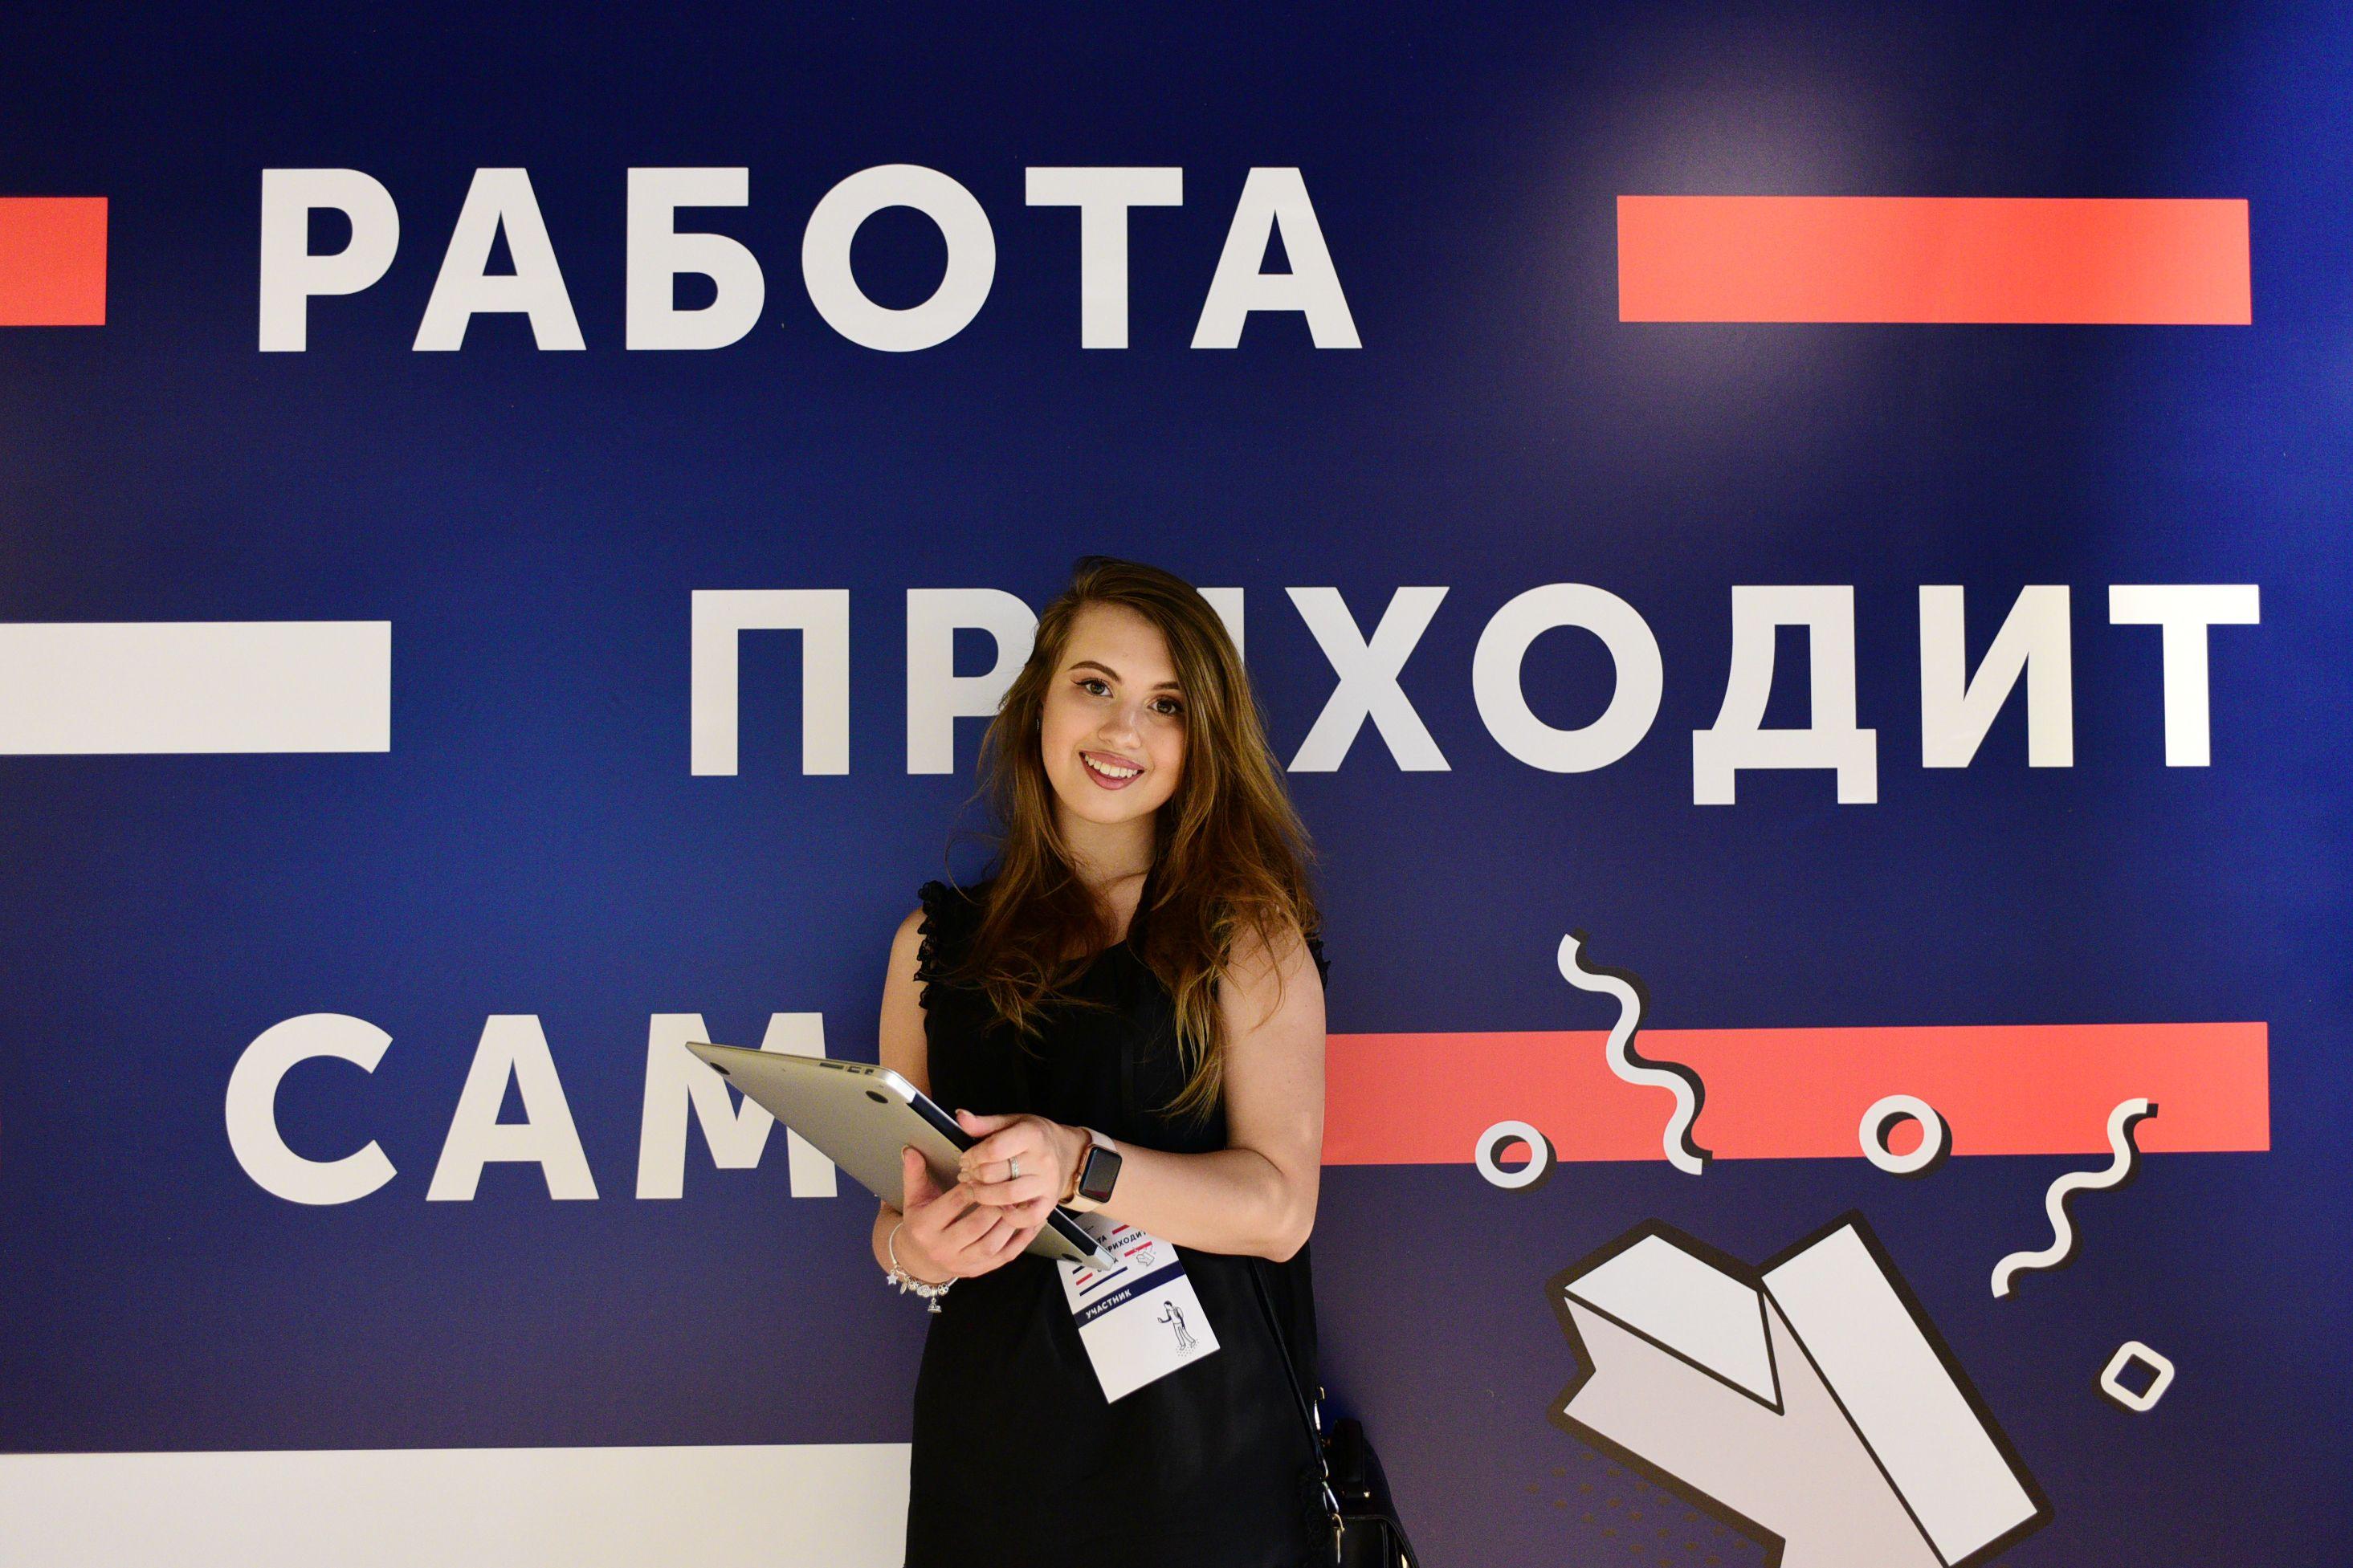 Форум социальных инноваций организуют в Москве